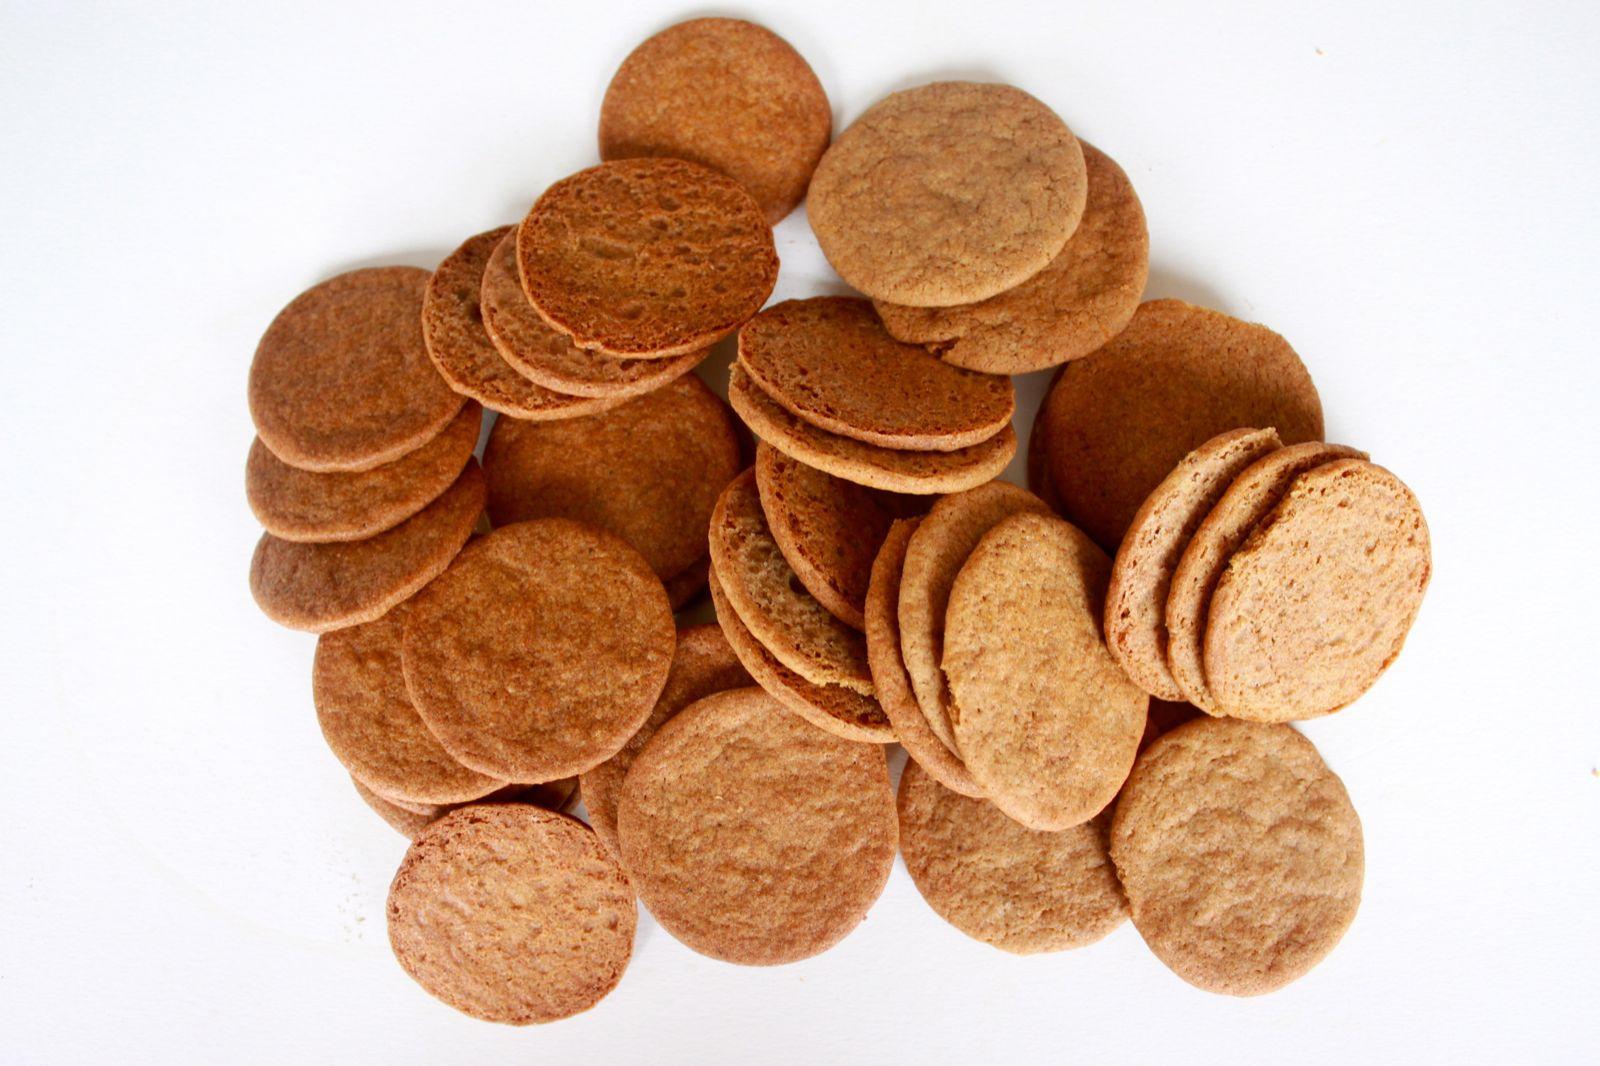 cookies pb c cookies m m cookies monster cookies butterfinger cookies ...